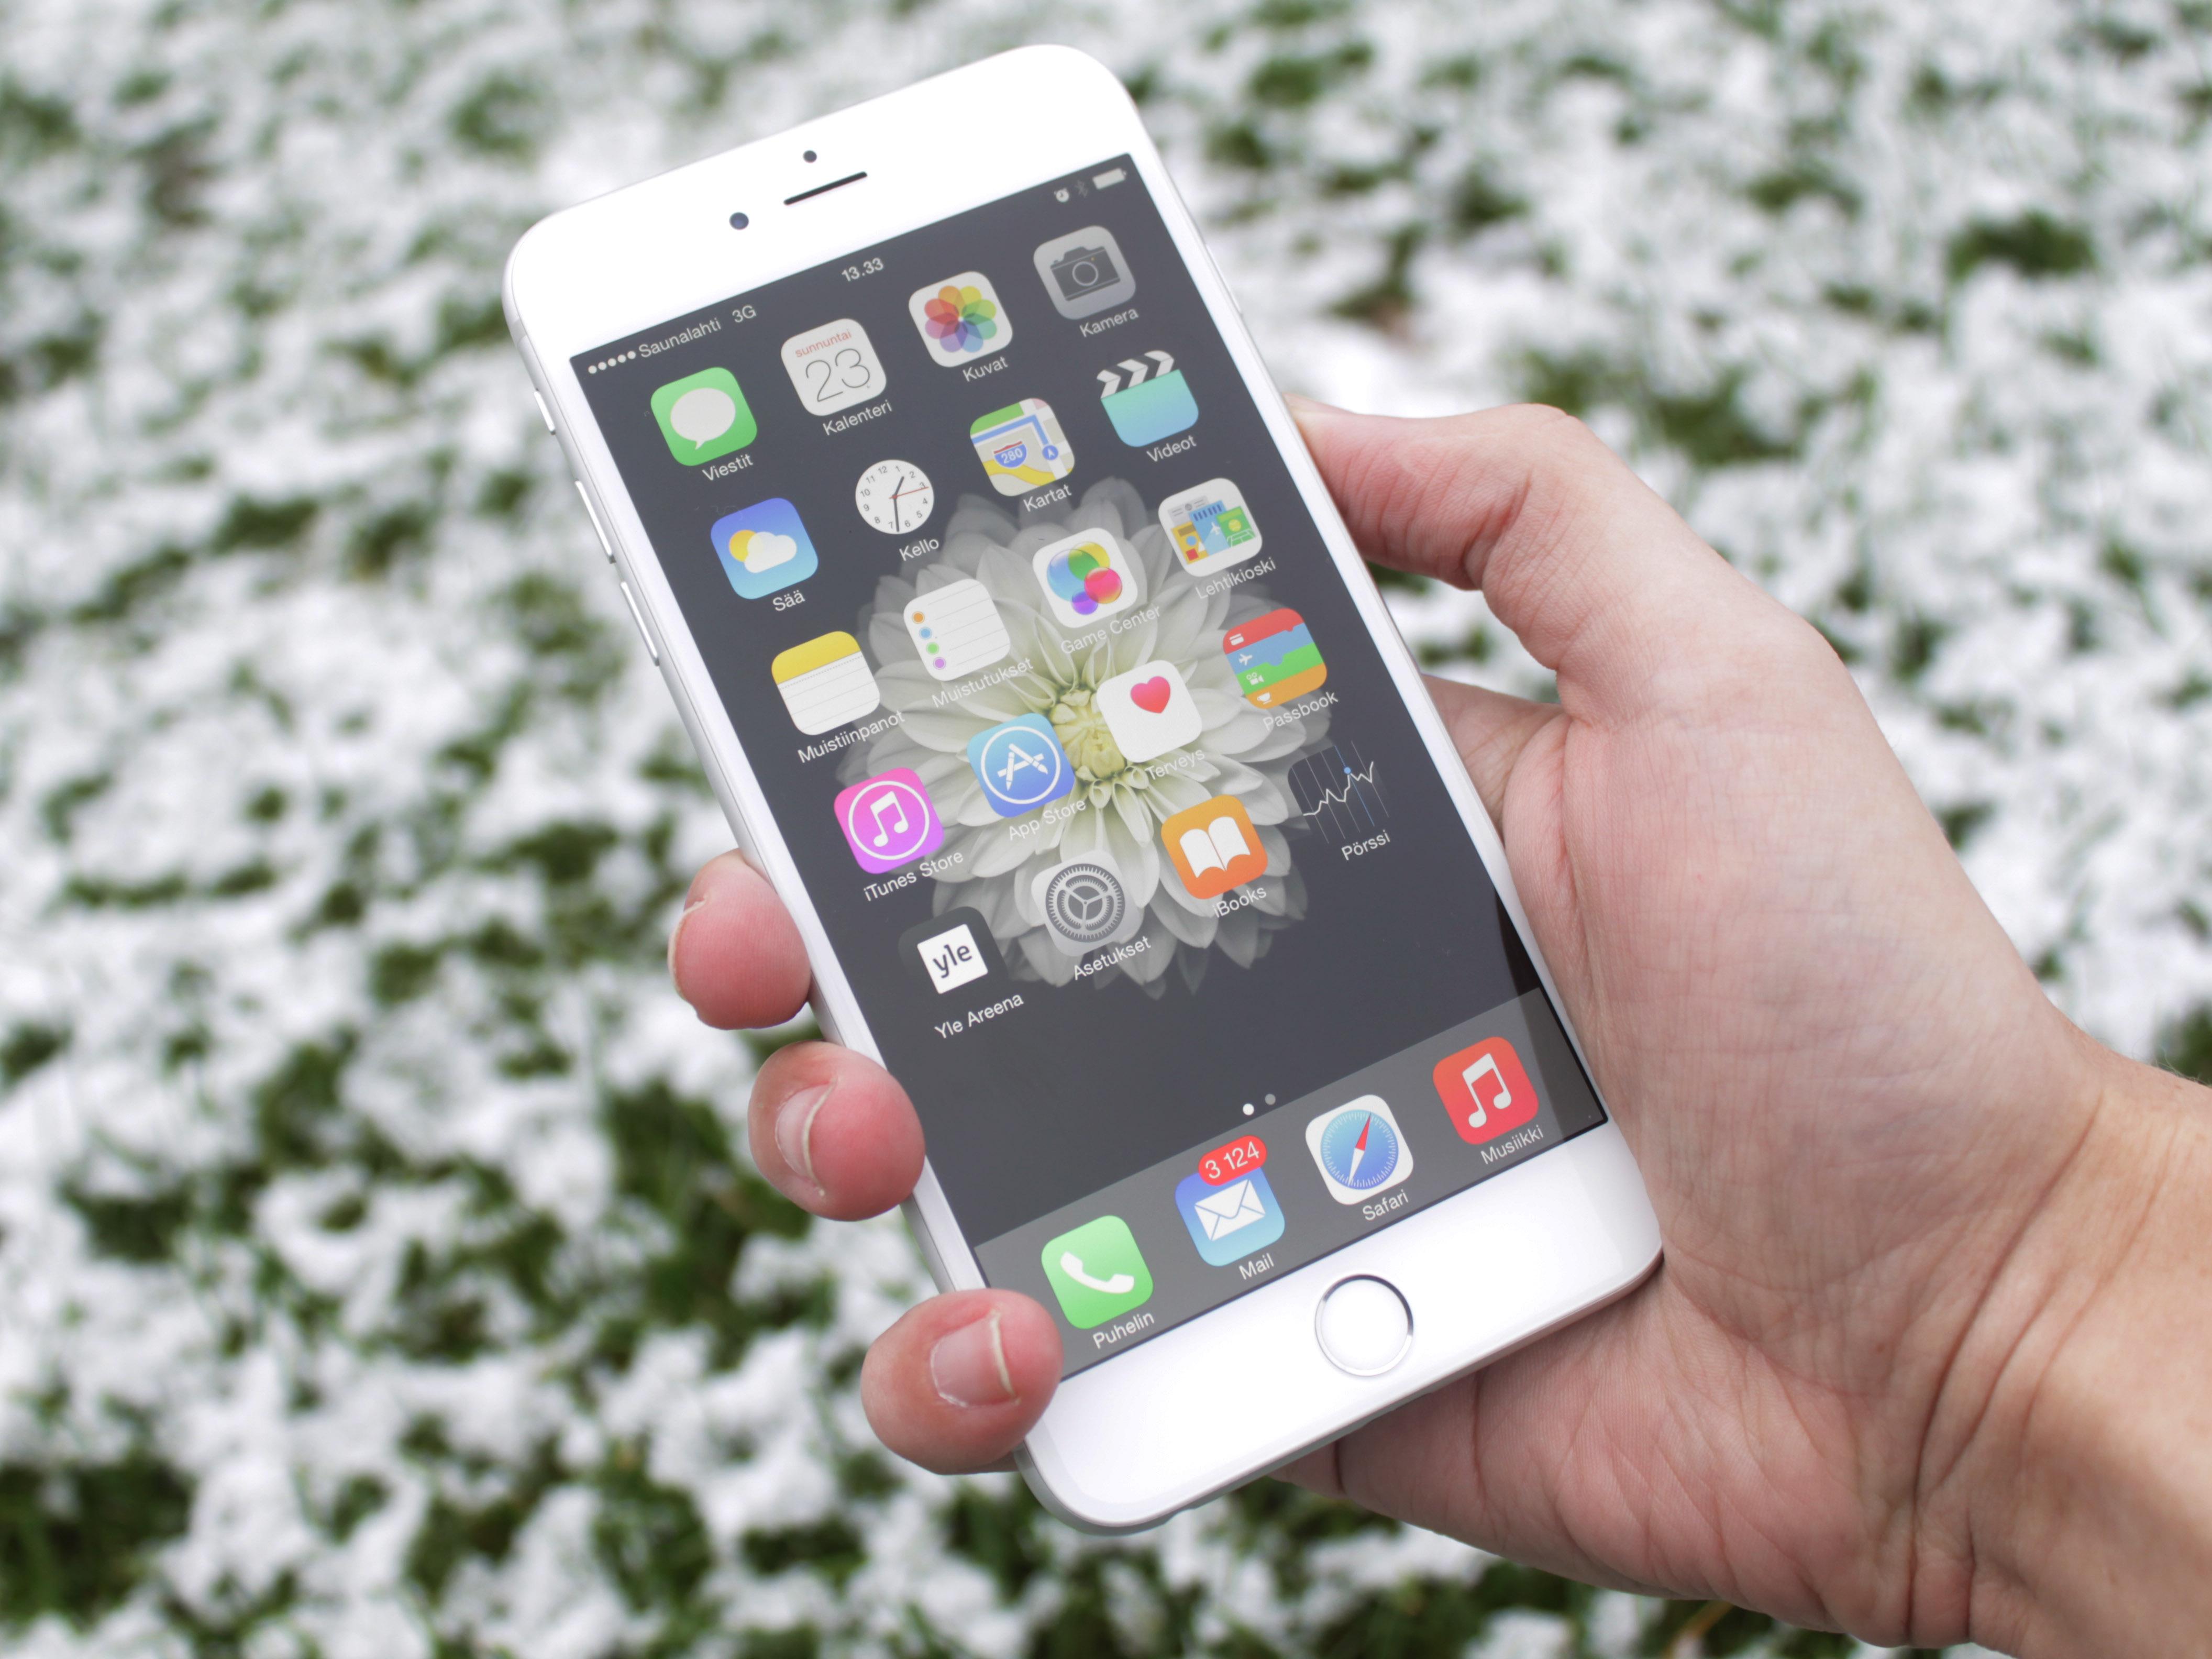 IPhone 6S 128GB harmaa käytetty - Puhelimet Swappie Myydän iphone 6s 128gb, elektroniikka